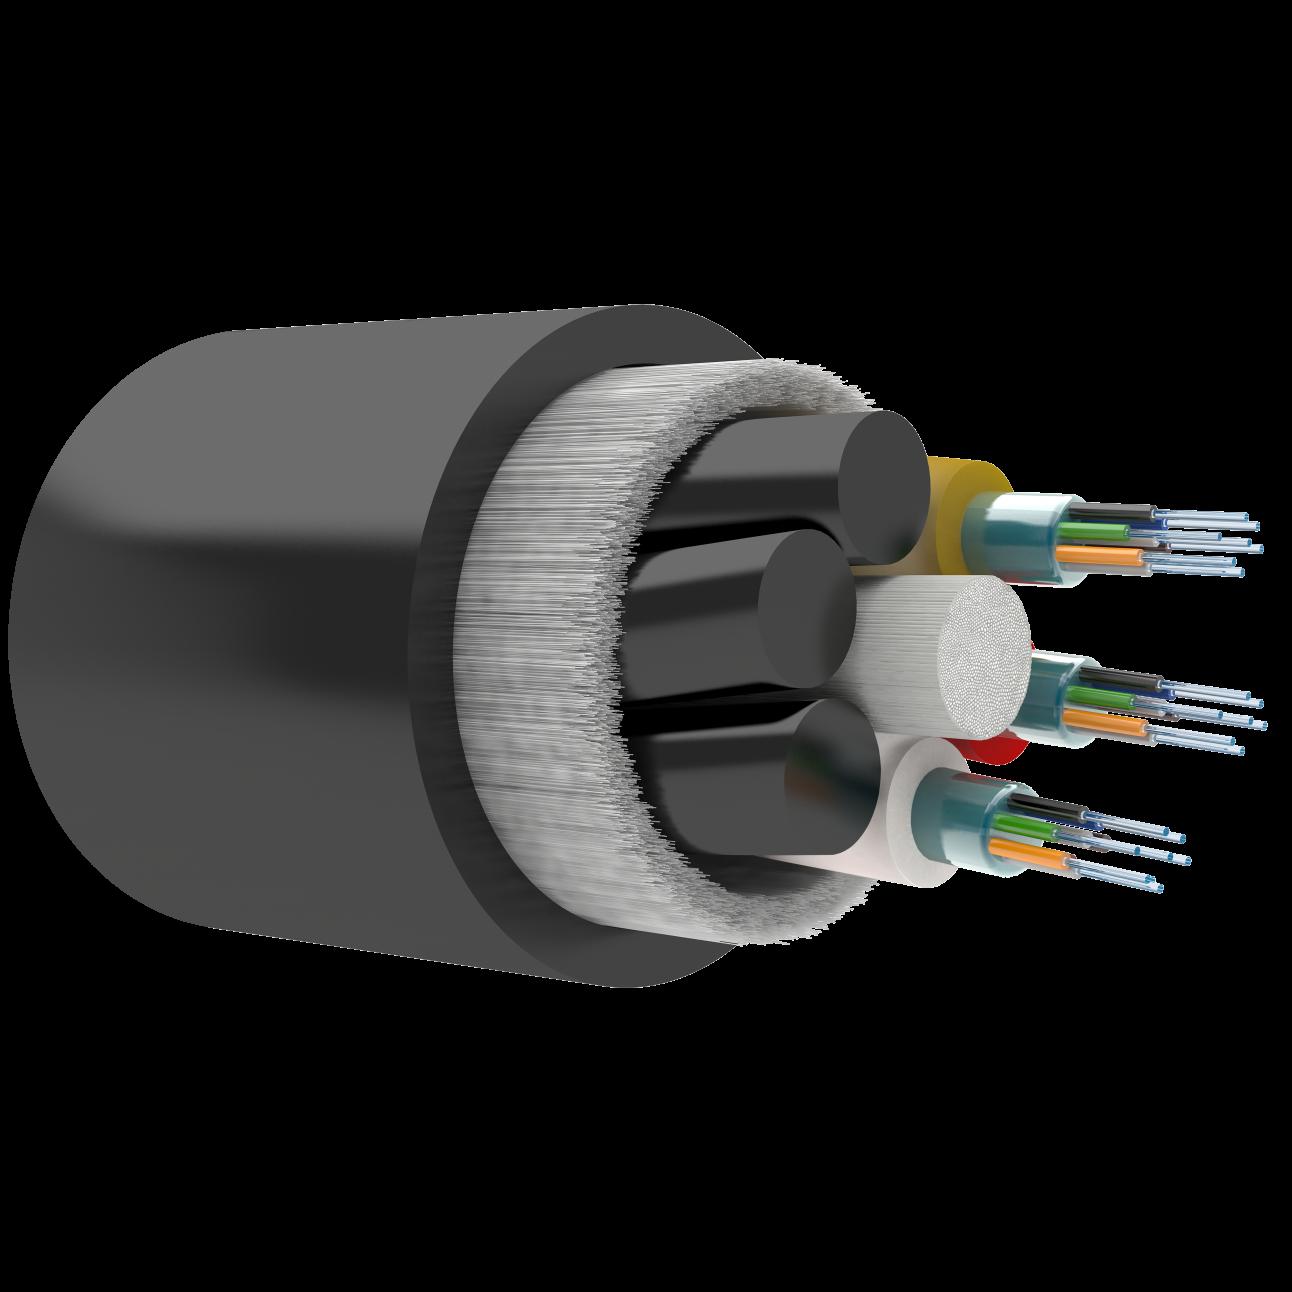 ОКМС-4 (G.652.D) 6кН (разрывная нагрузка) 9.4 мм